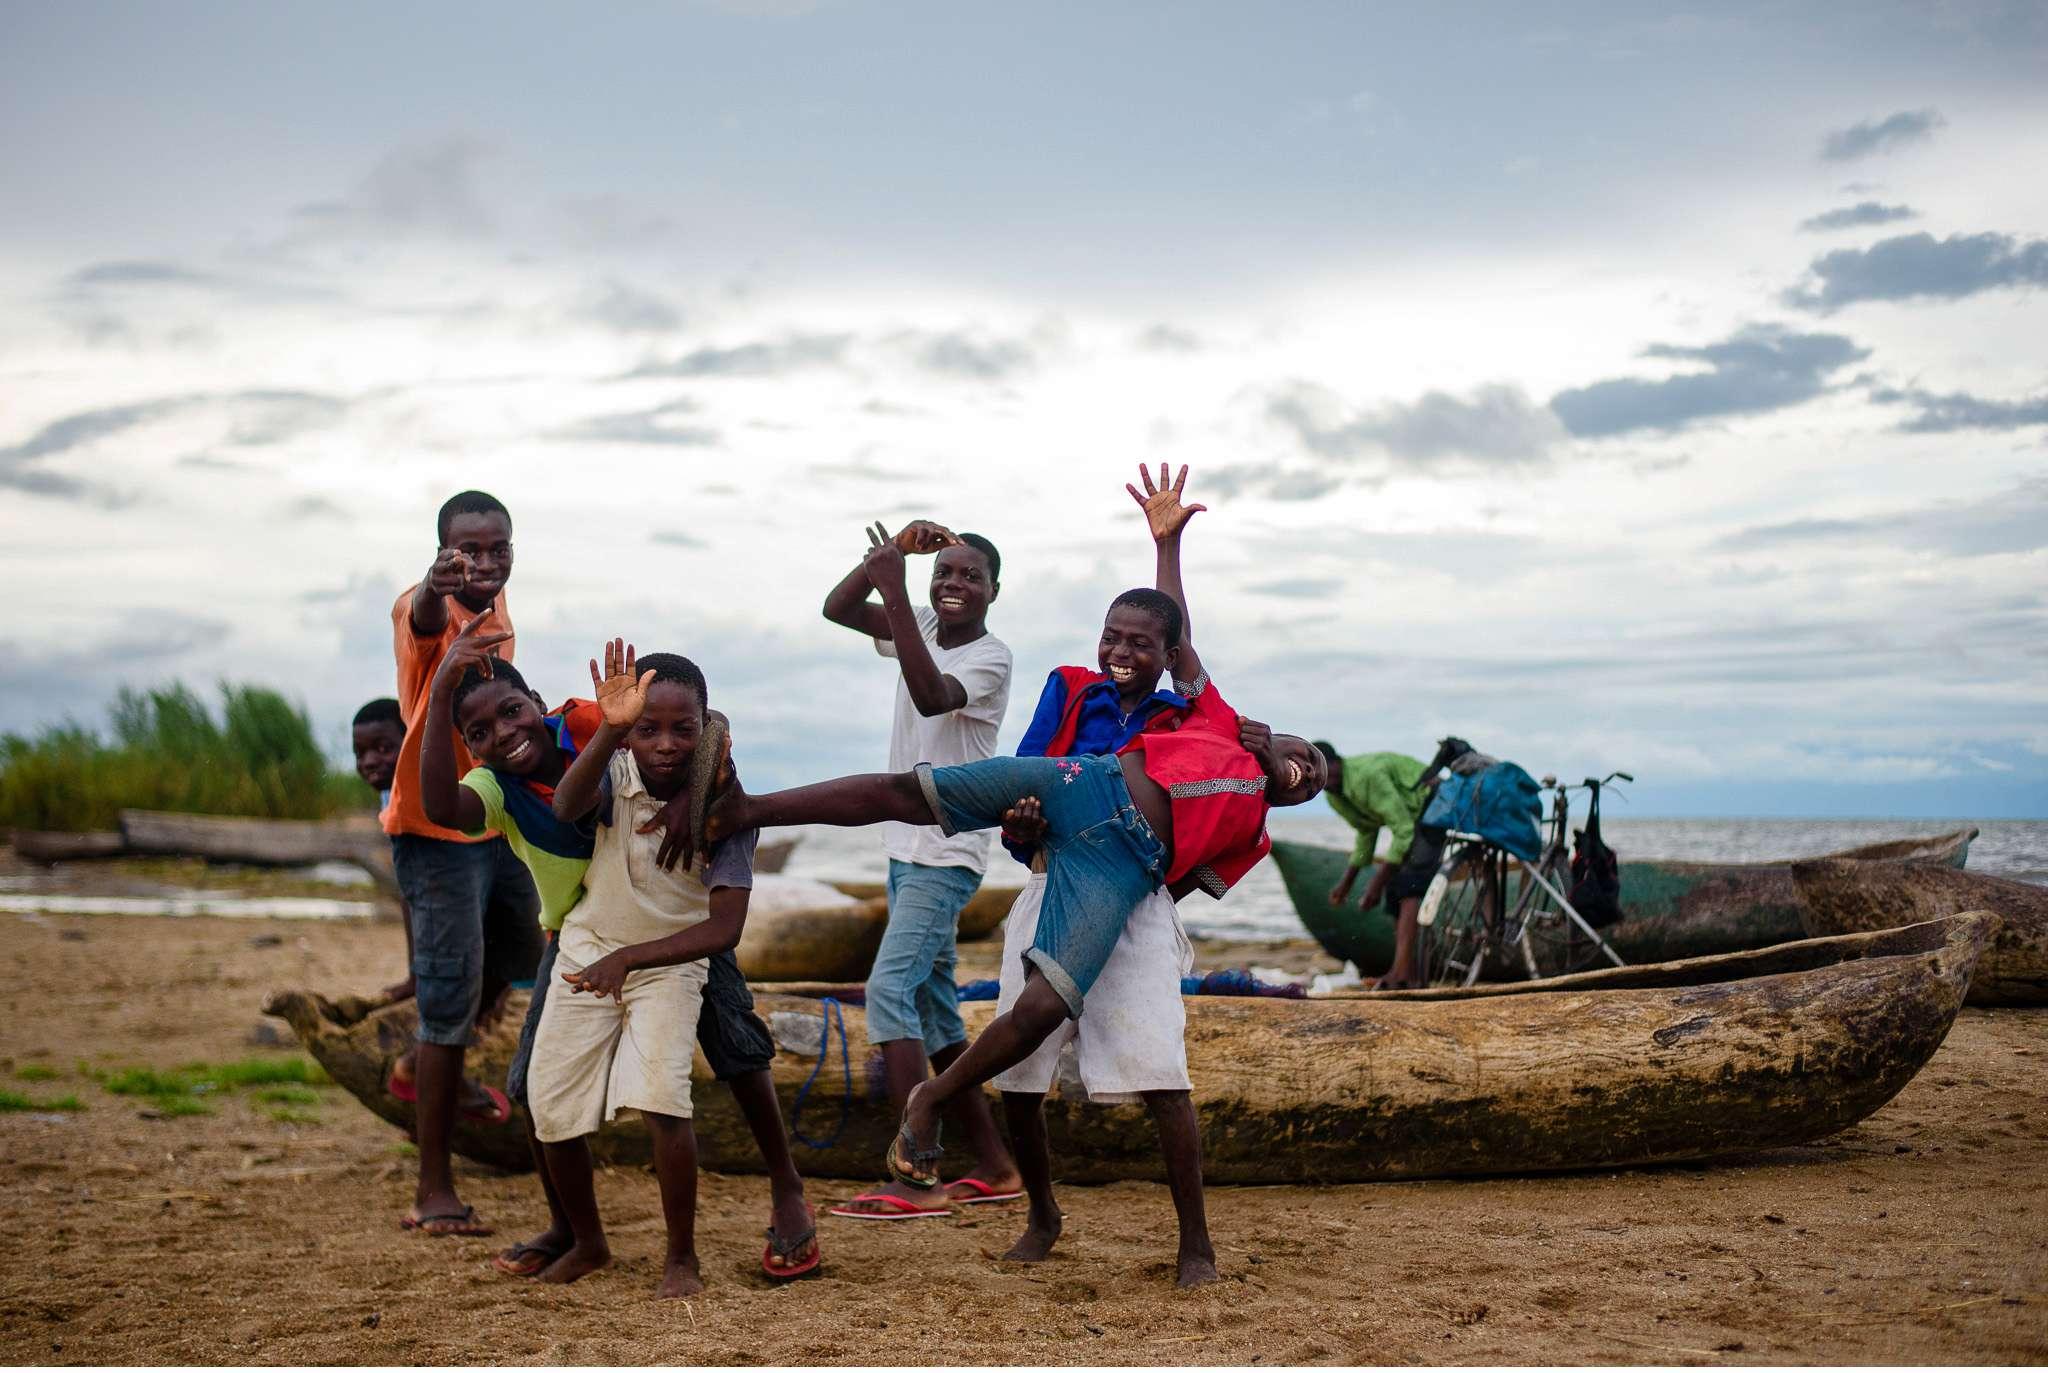 Malawi-Quer durch Afrika- Geschichten von unterwegs by Marion and Daniel-89